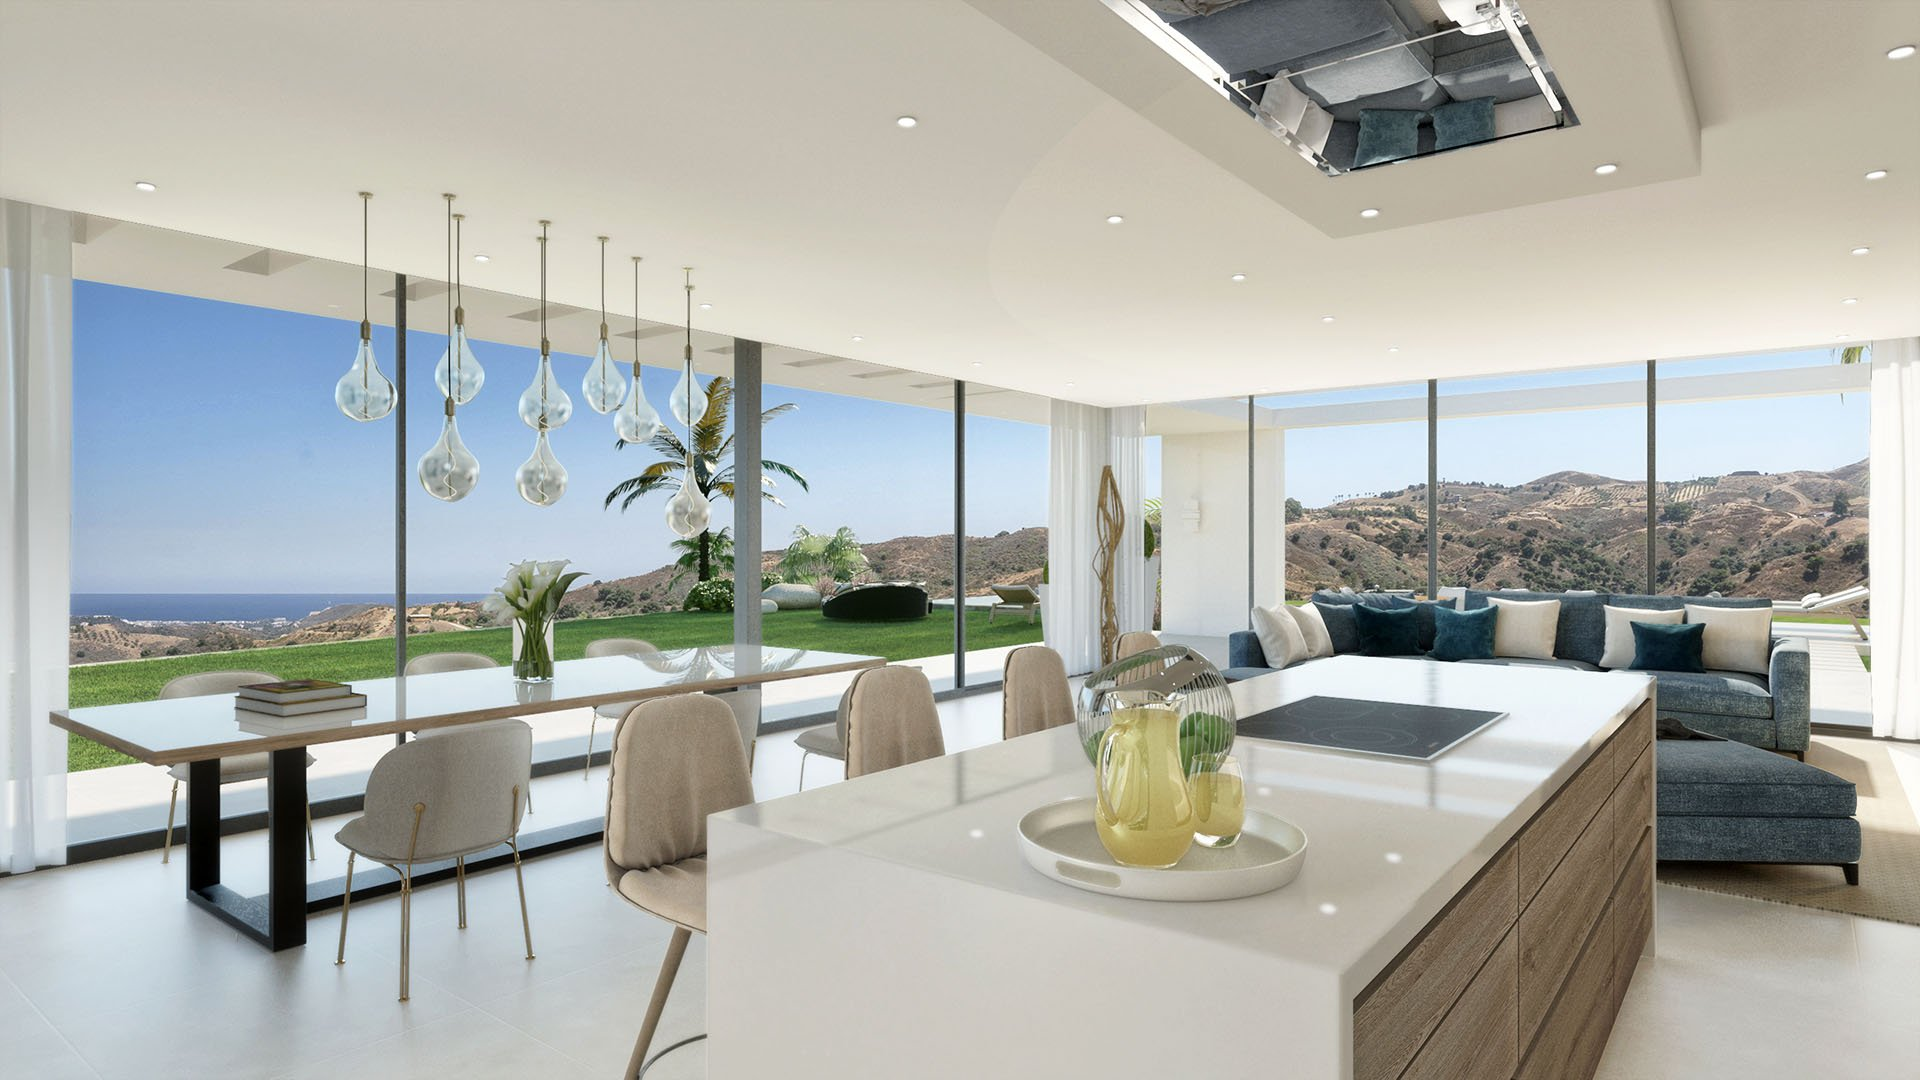 Villa Cala Golf 43: Modern golf villa in La Cala Golf